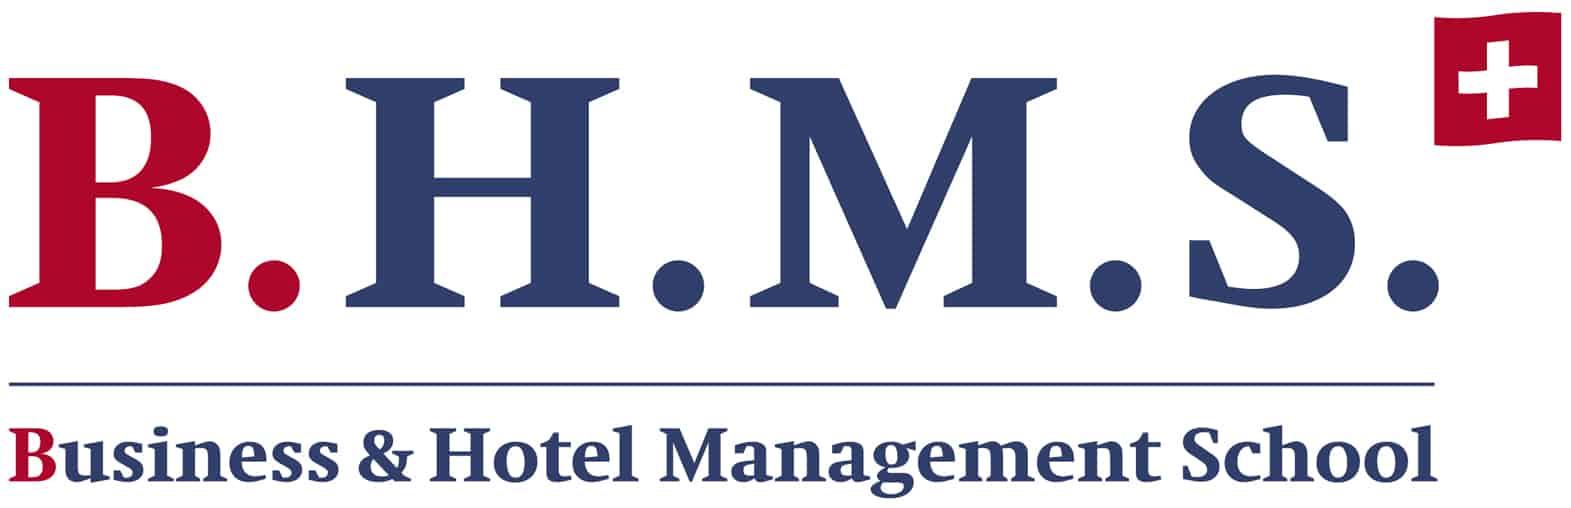 เรียนการโรงแรมที่สวิส กับ B.H.M.S.